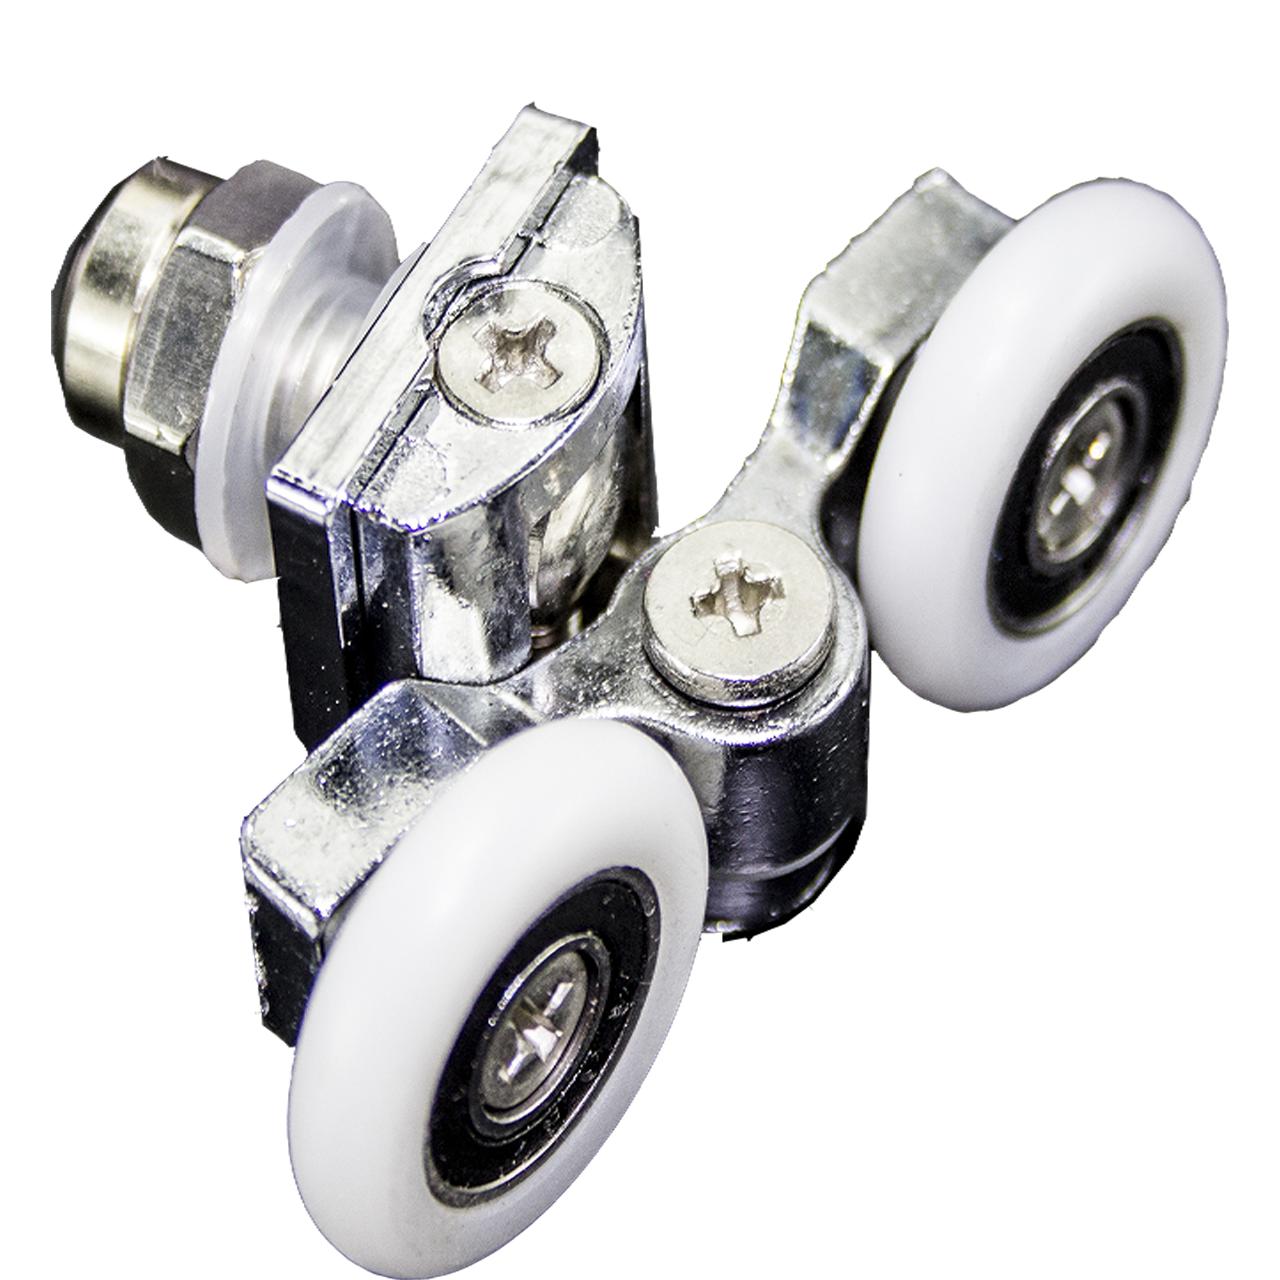 Ролики душової кабіни металеві, подвійні, поворотні ( В-07 А ) 26 мм, 8 мм